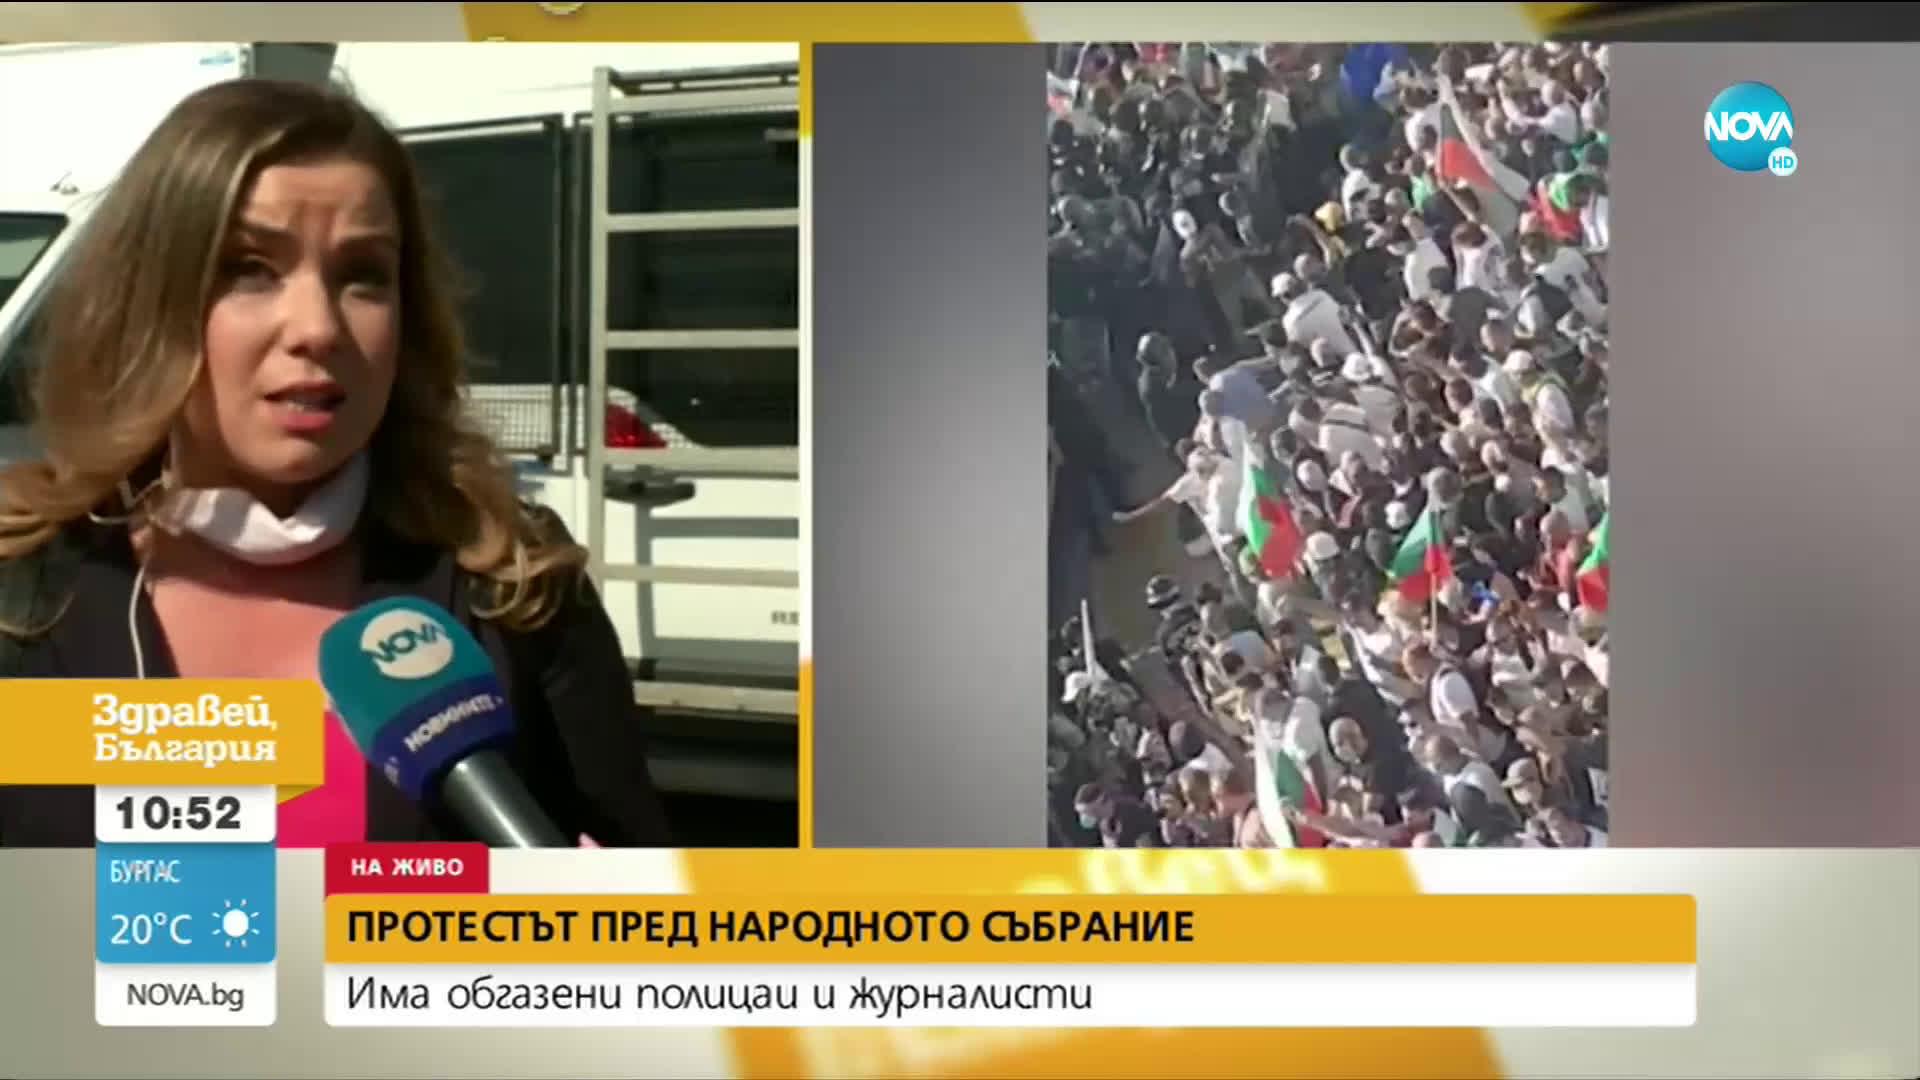 Обгазени на протеста в София, медици оказват помощ на място